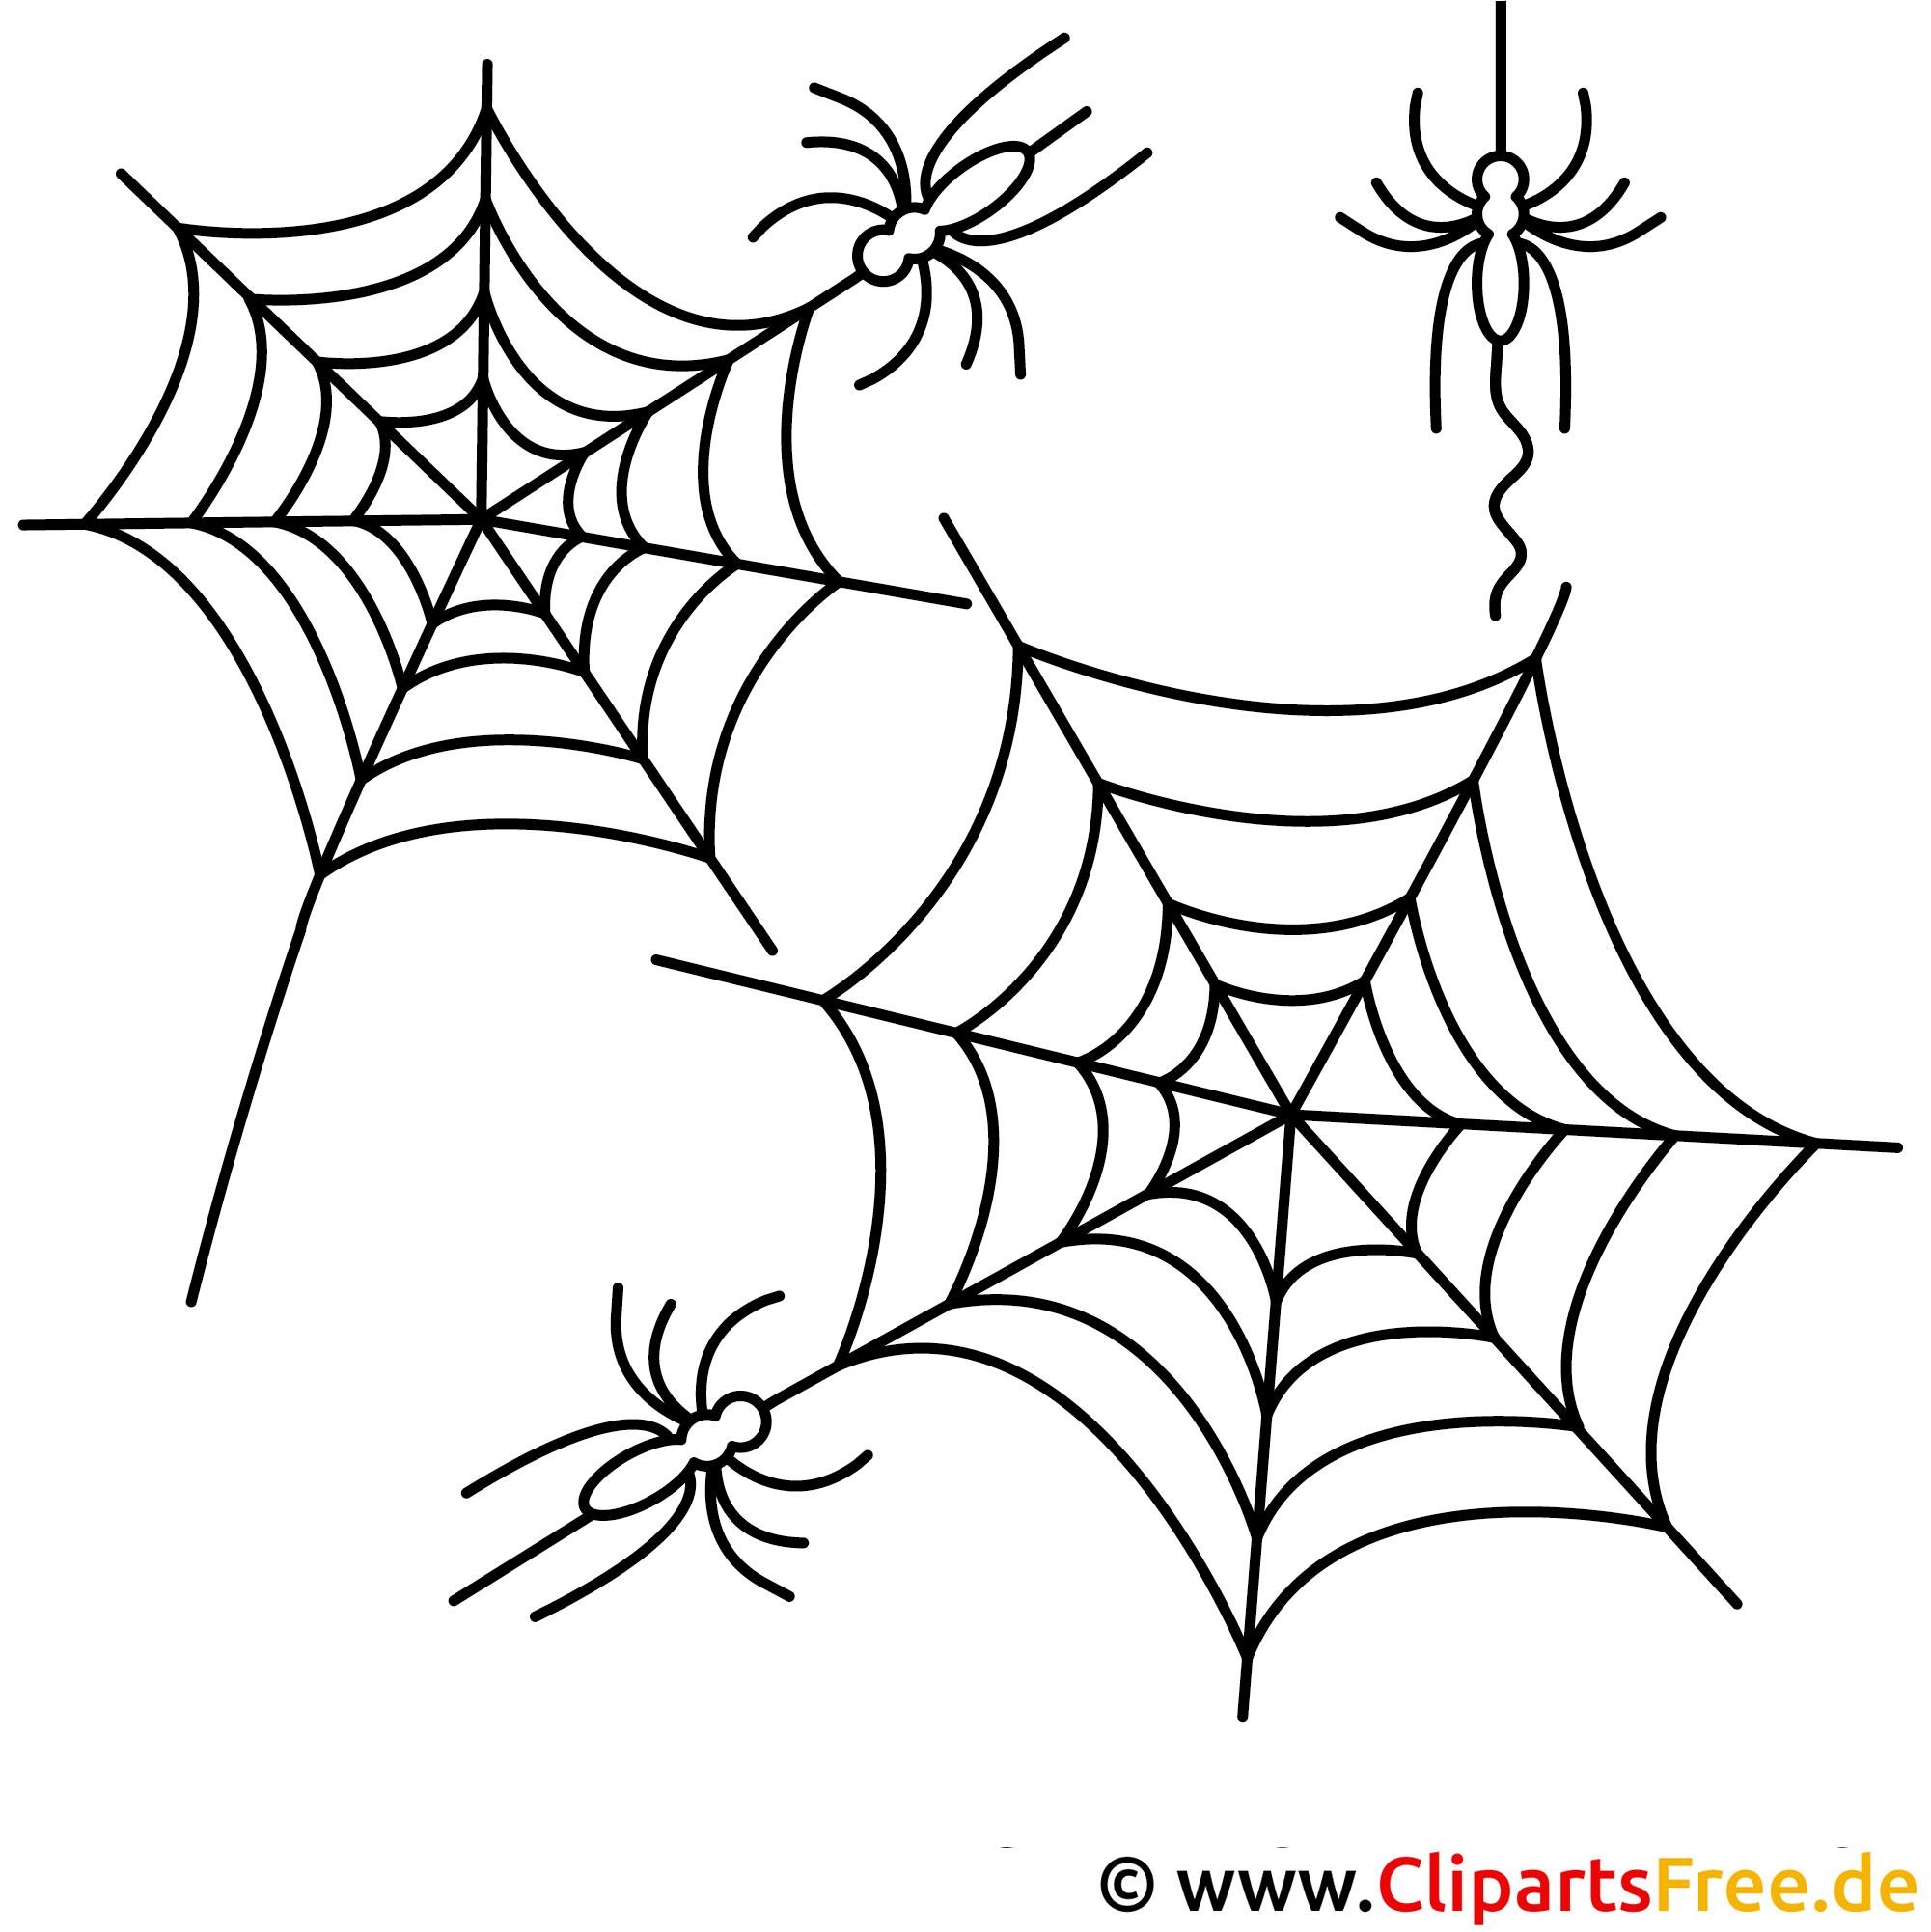 Helloween Malvorlage Spinnennetz